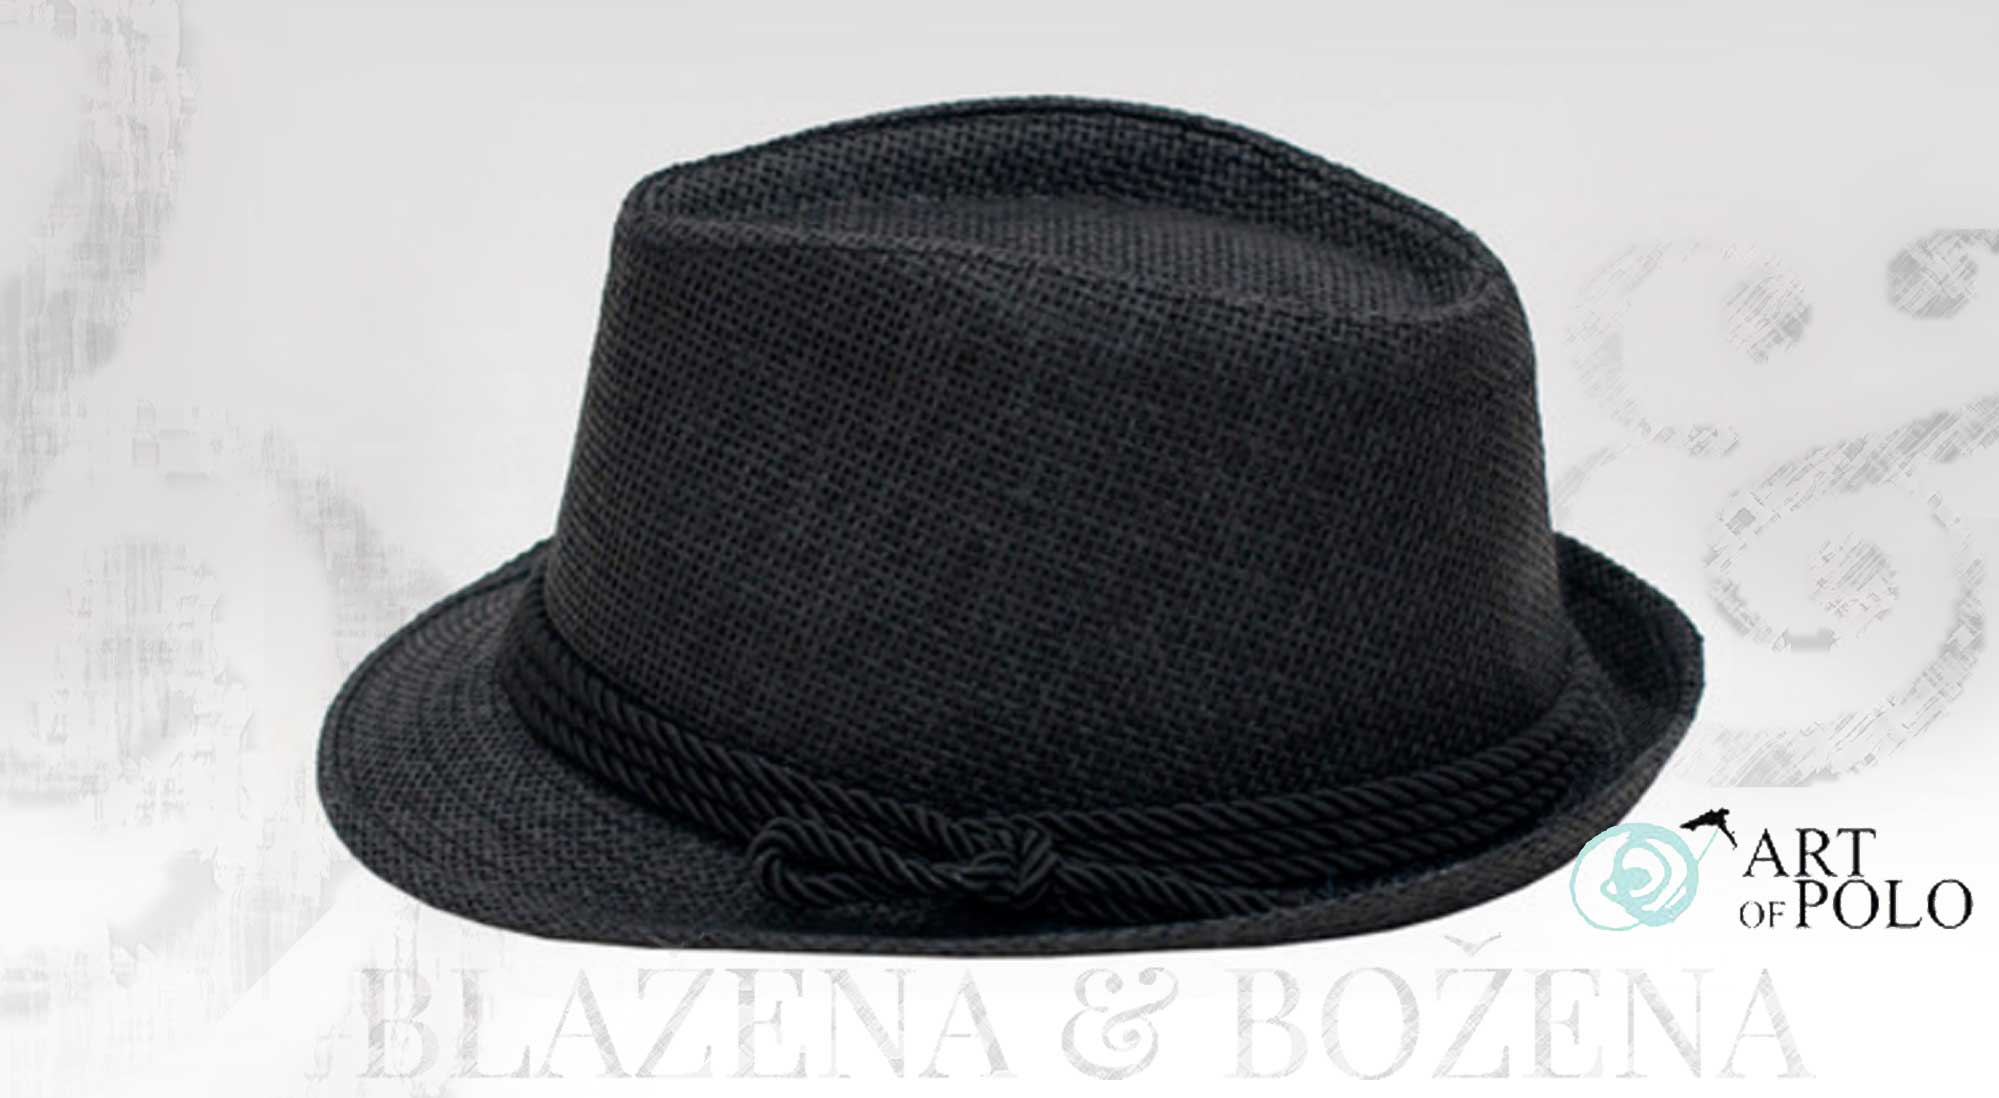 67077fbd9e1 Getafe – černý plážový klobouk – Blažena Božena